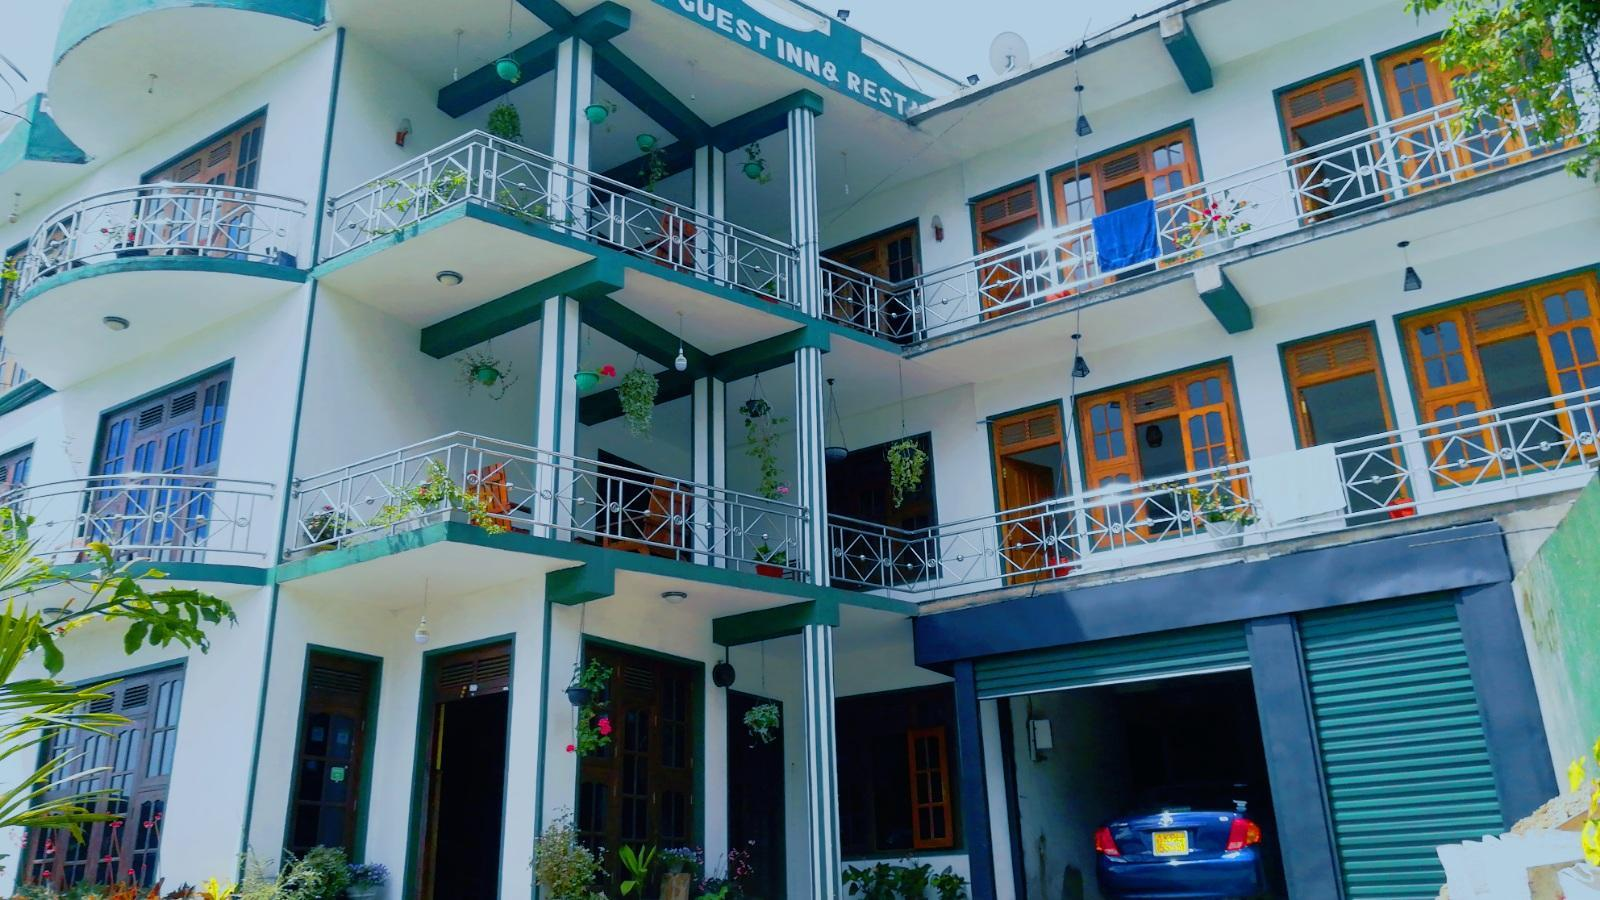 ABC Guest Inn, Haputale